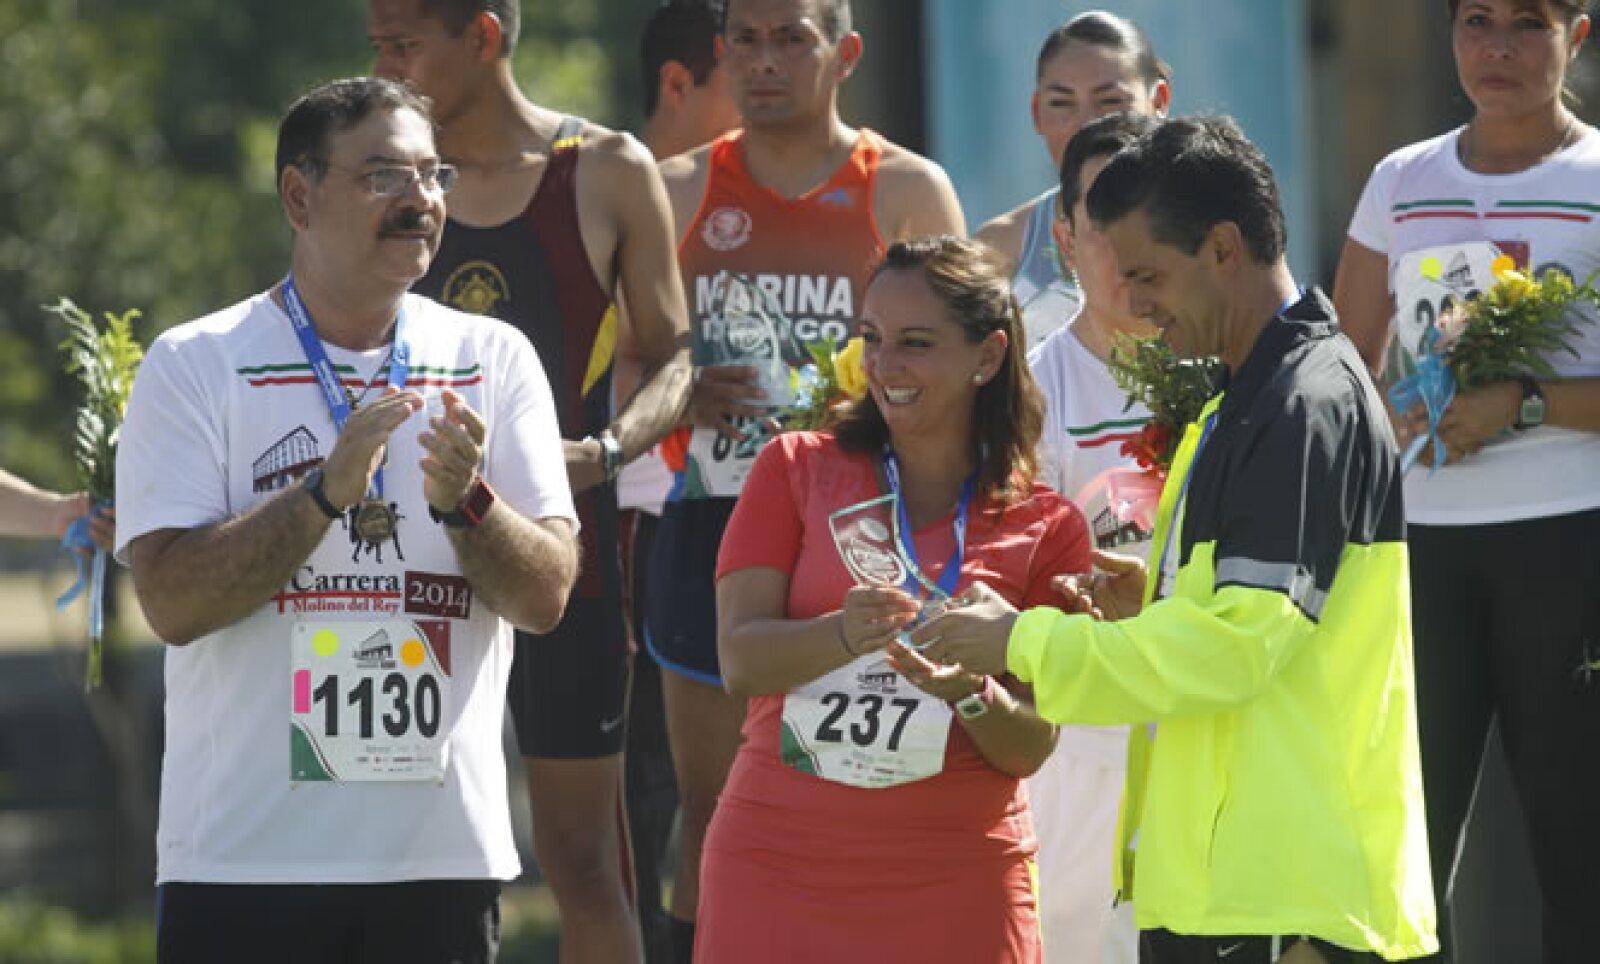 El mandatario estuvo acompañado por las secretarias de Turismo, Claudia Ruiz Massieu, y el jefe del Estado Mayor Presidencial, Roberto Miranda Moreno.